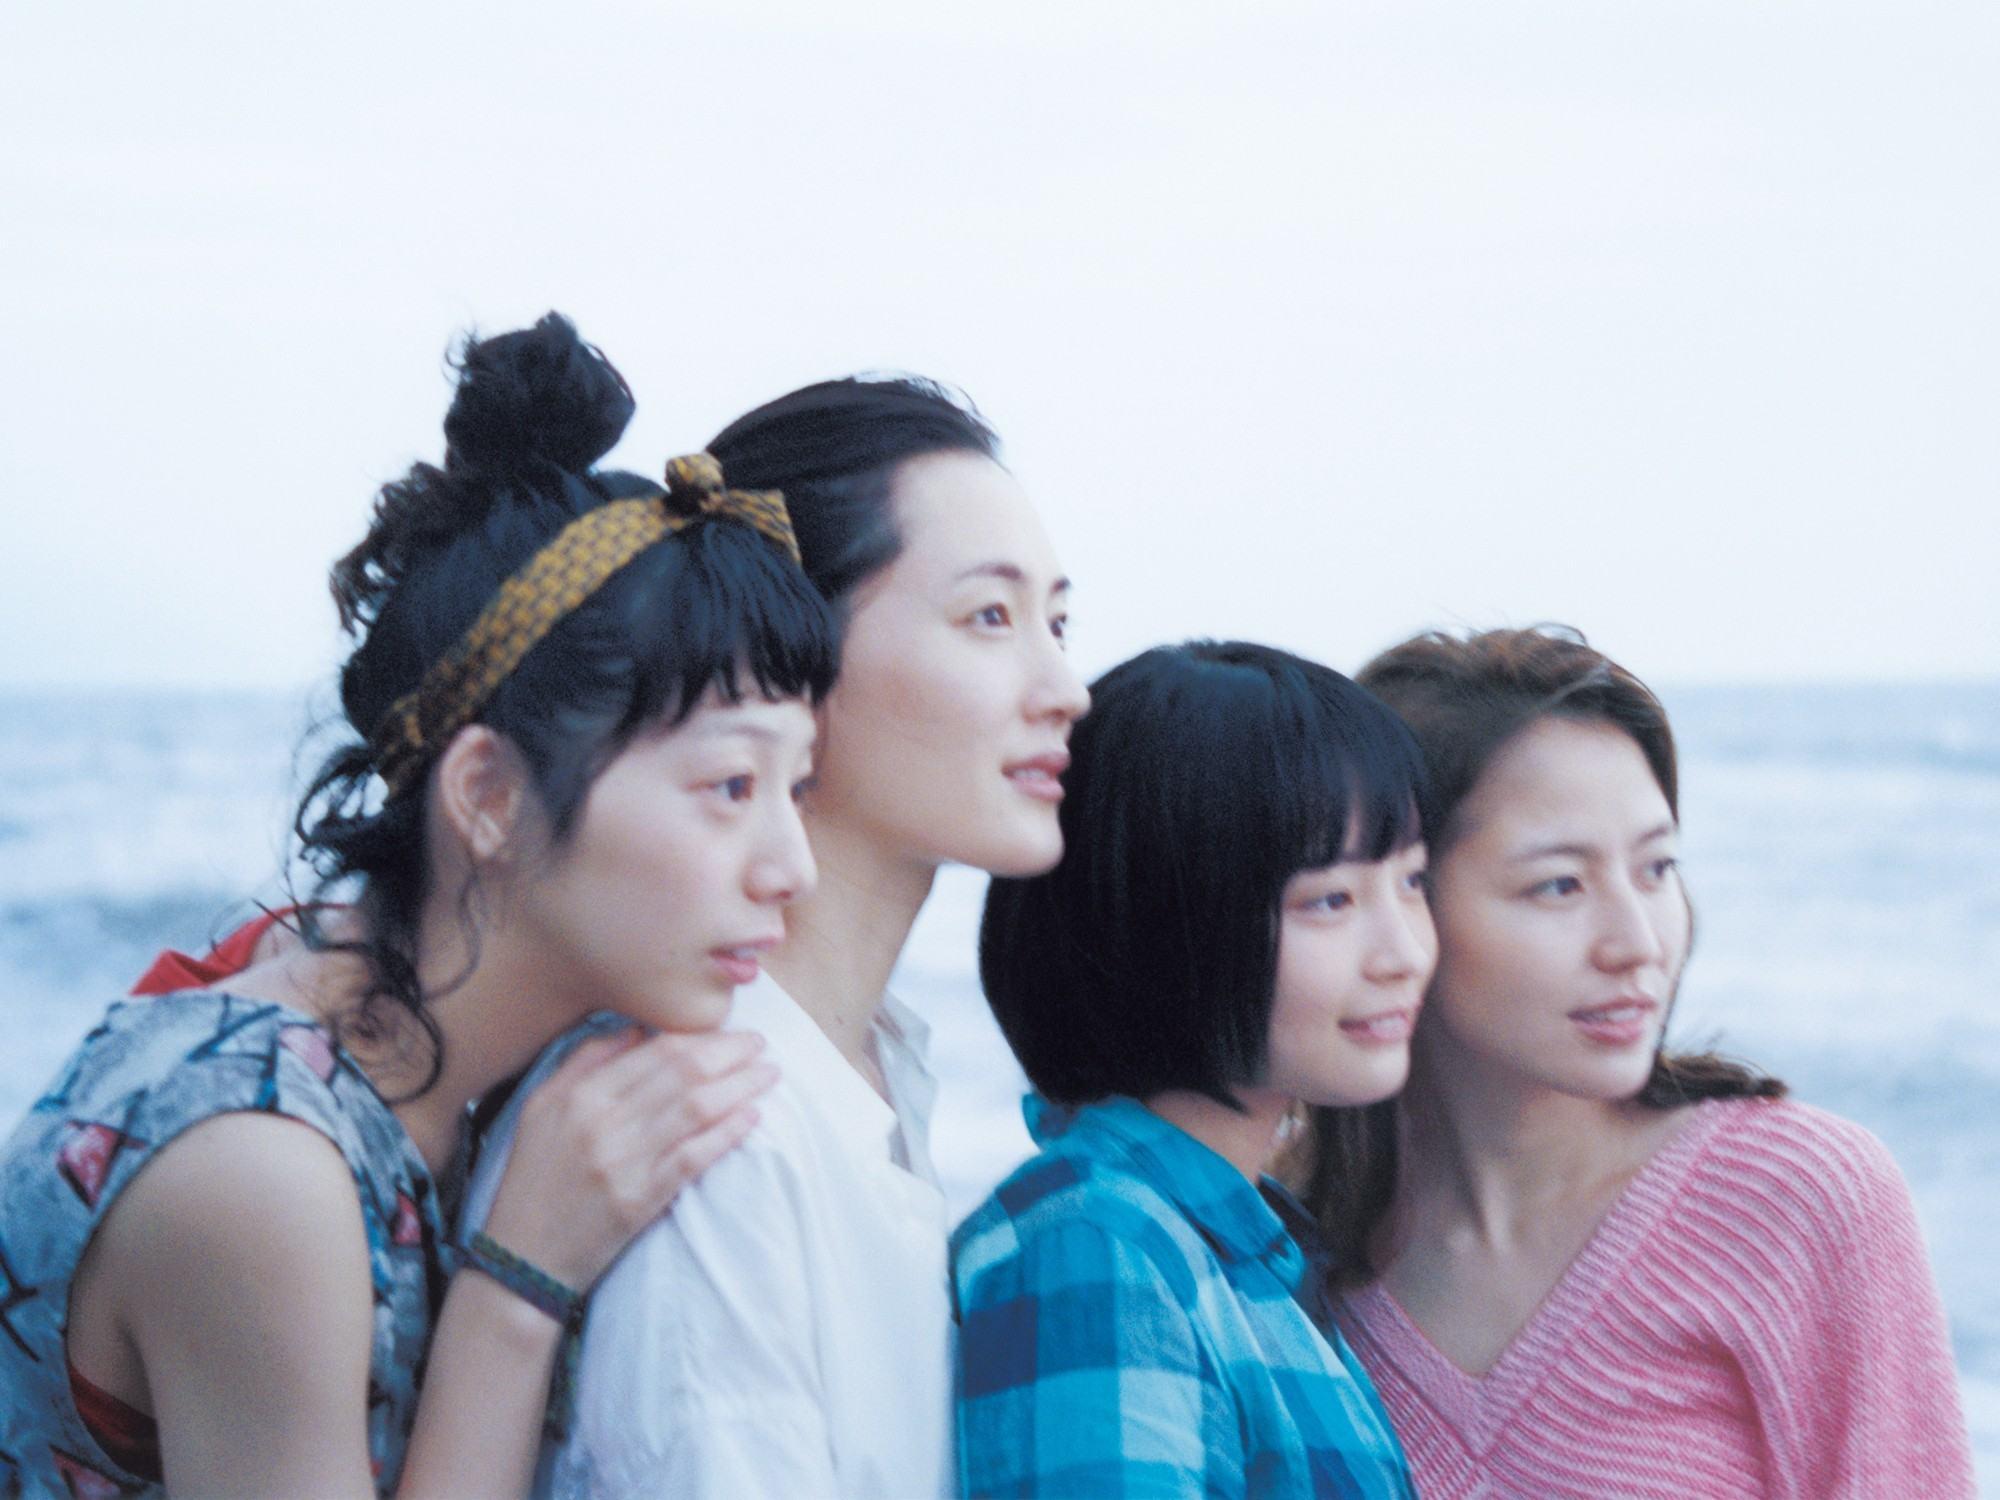 鎌倉を舞台に四姉妹が絆を紡ぐ― 映画「海街diary」是枝監督のことば